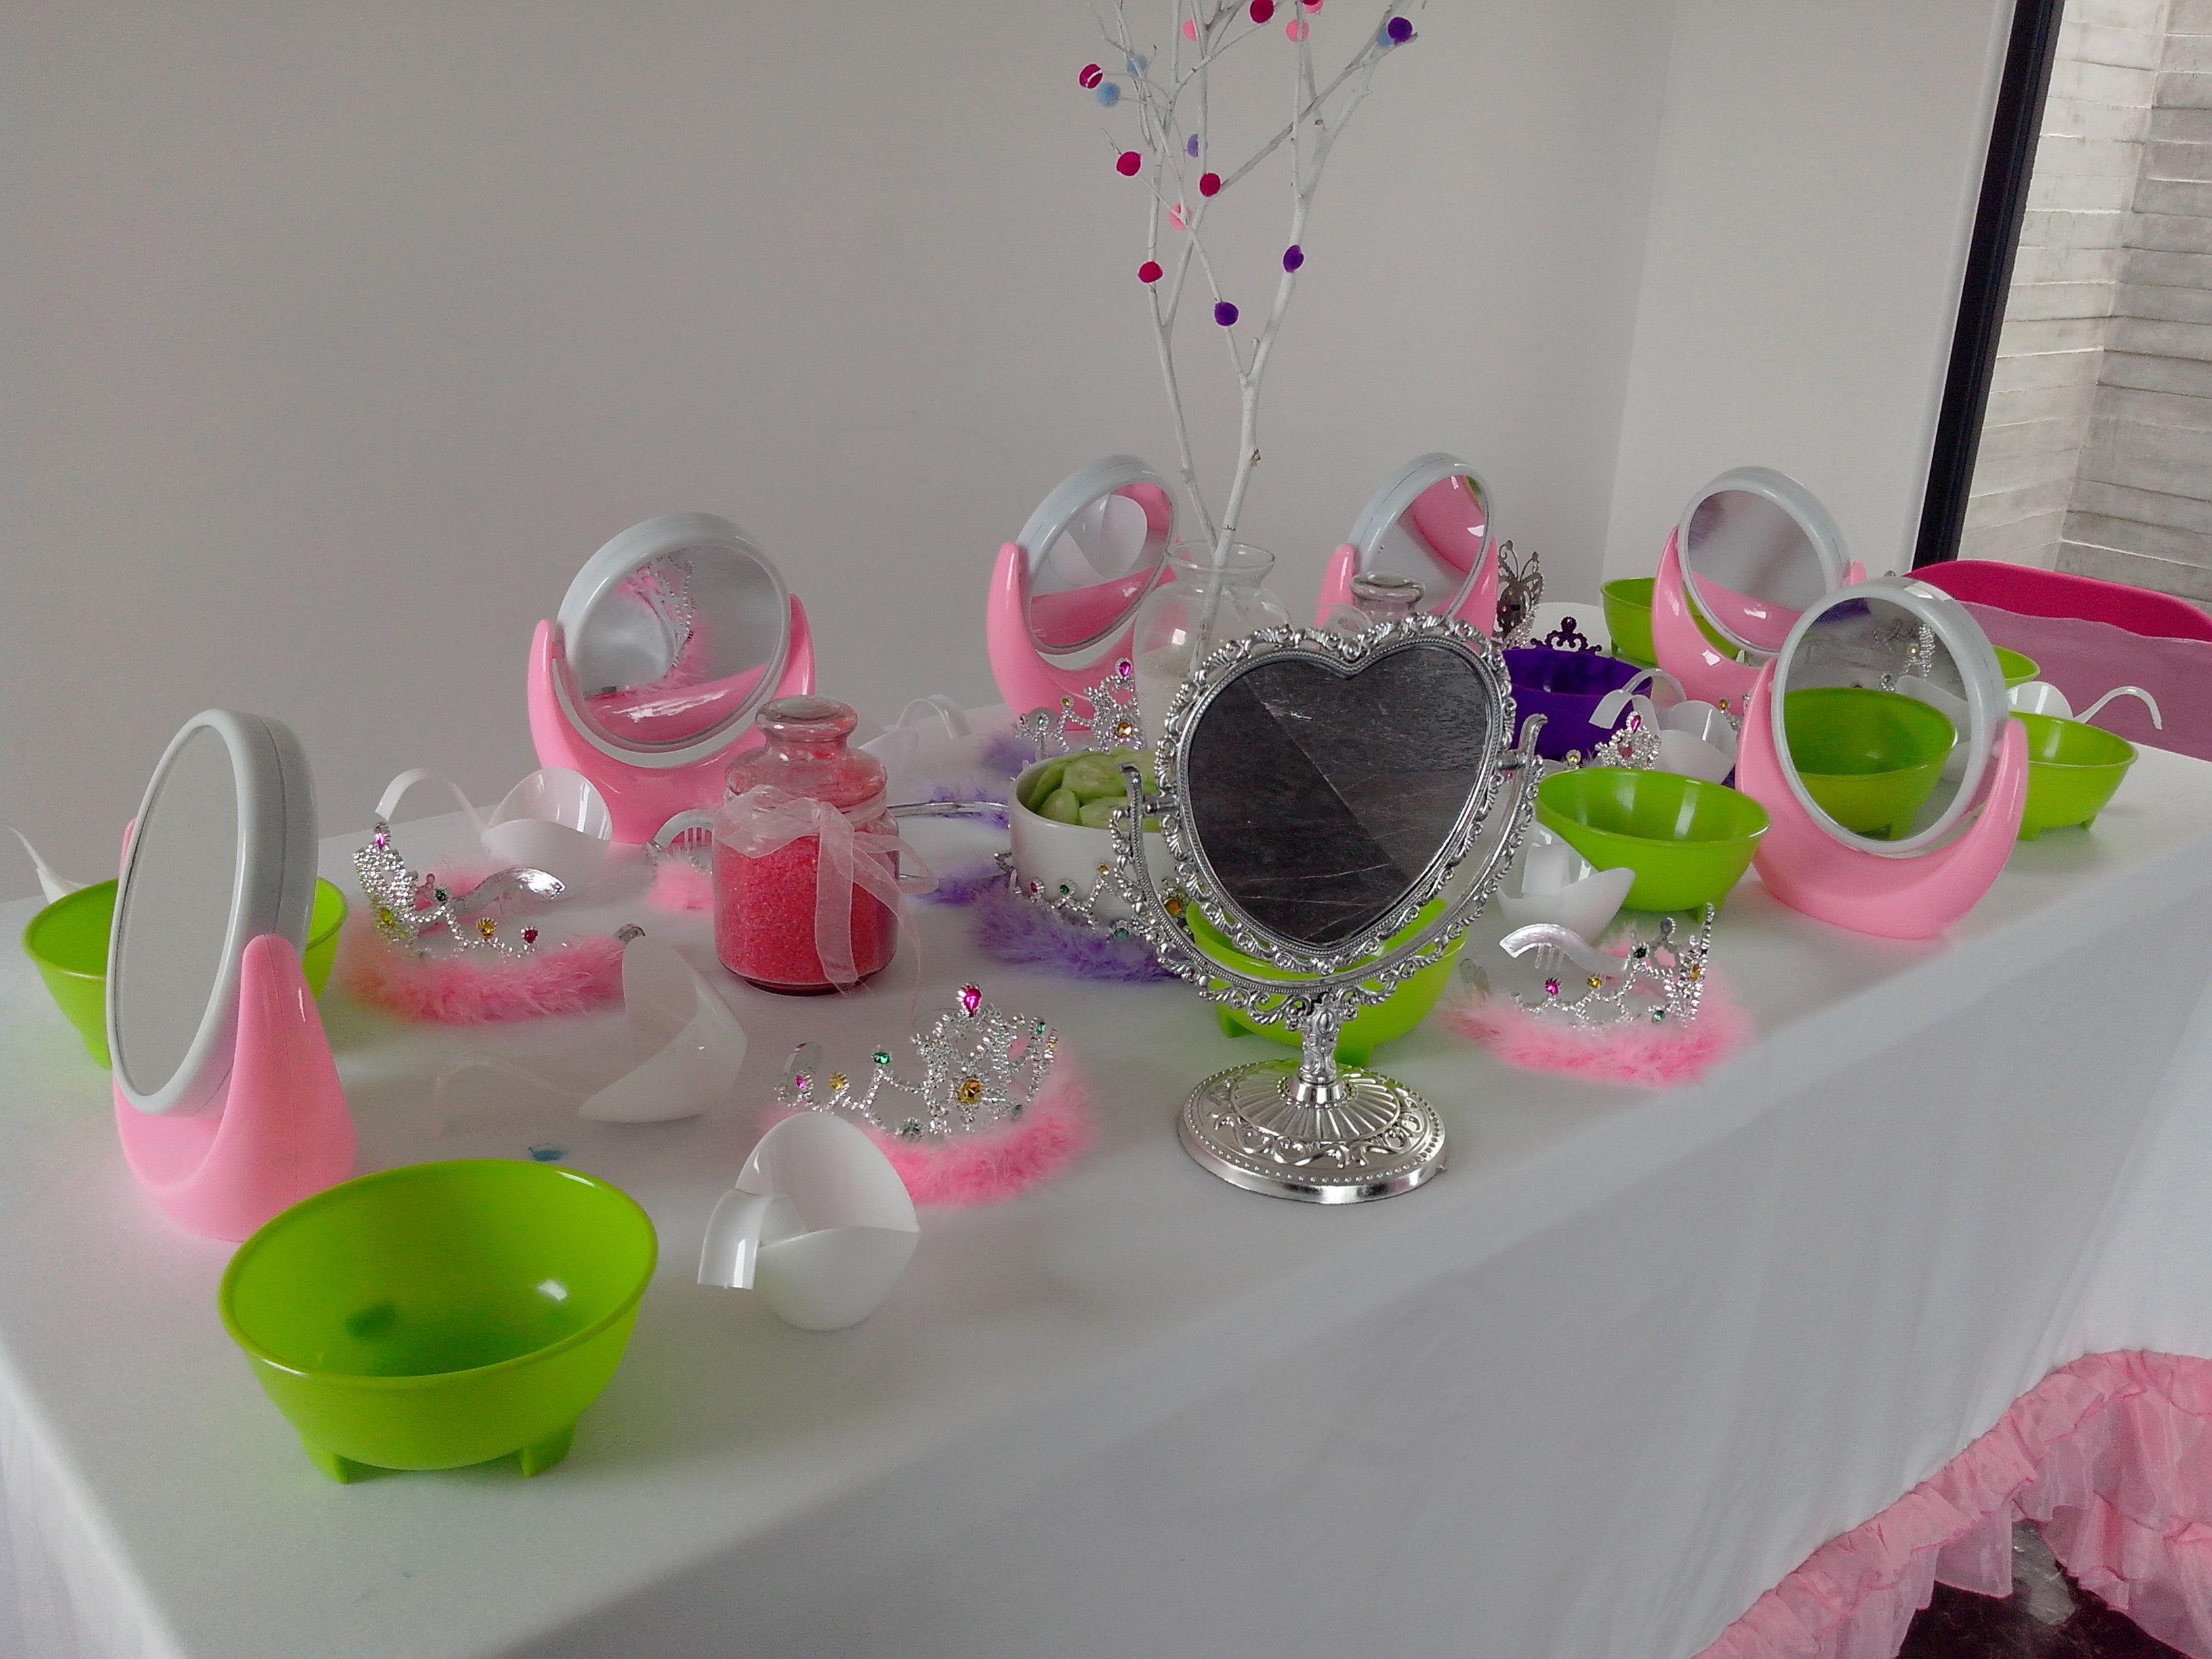 Mesa de faciales enla fiesta spa de ni as fiestas - Decoracion para spa ...